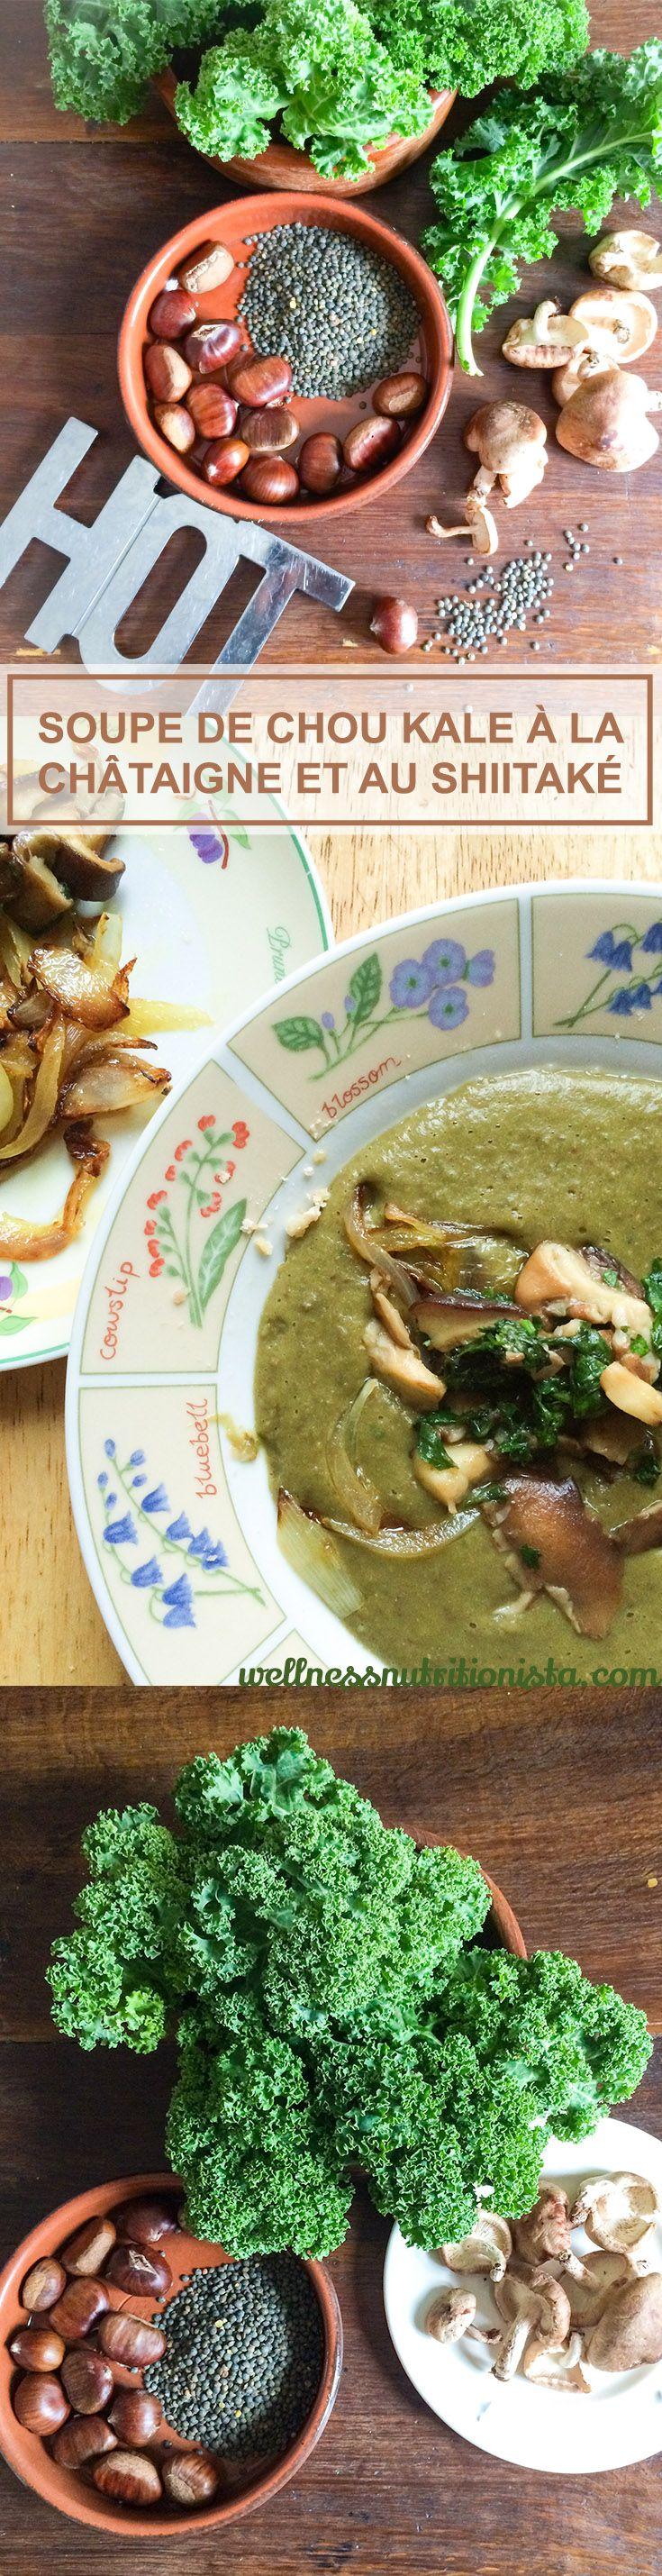 Recette de soupe au chou kale, lentille verte, chataigne et shiitake #soup #kale #recipe #wellnessnutritionista